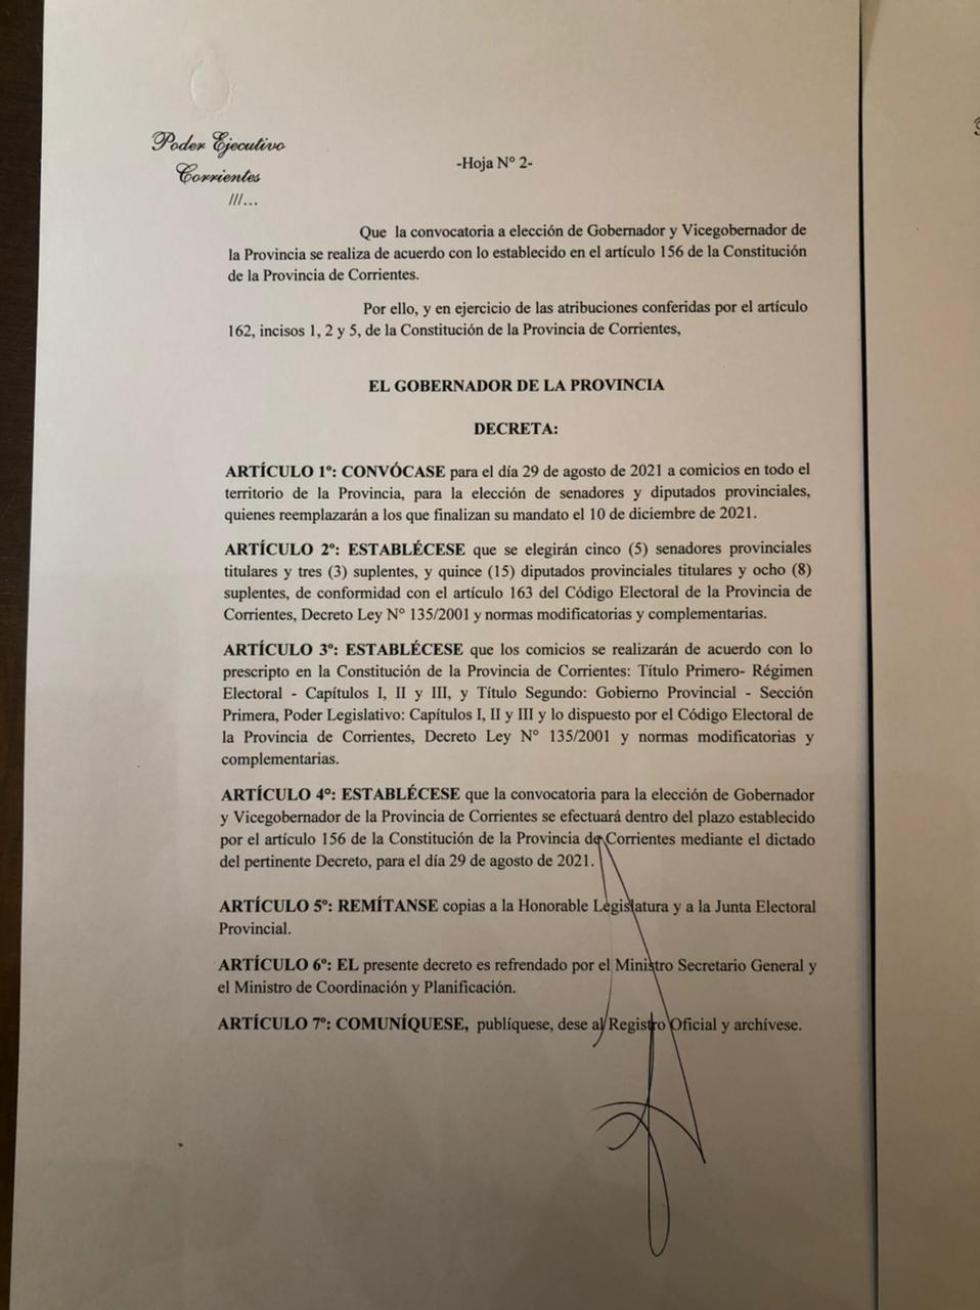 2.Decreto elecciones 1